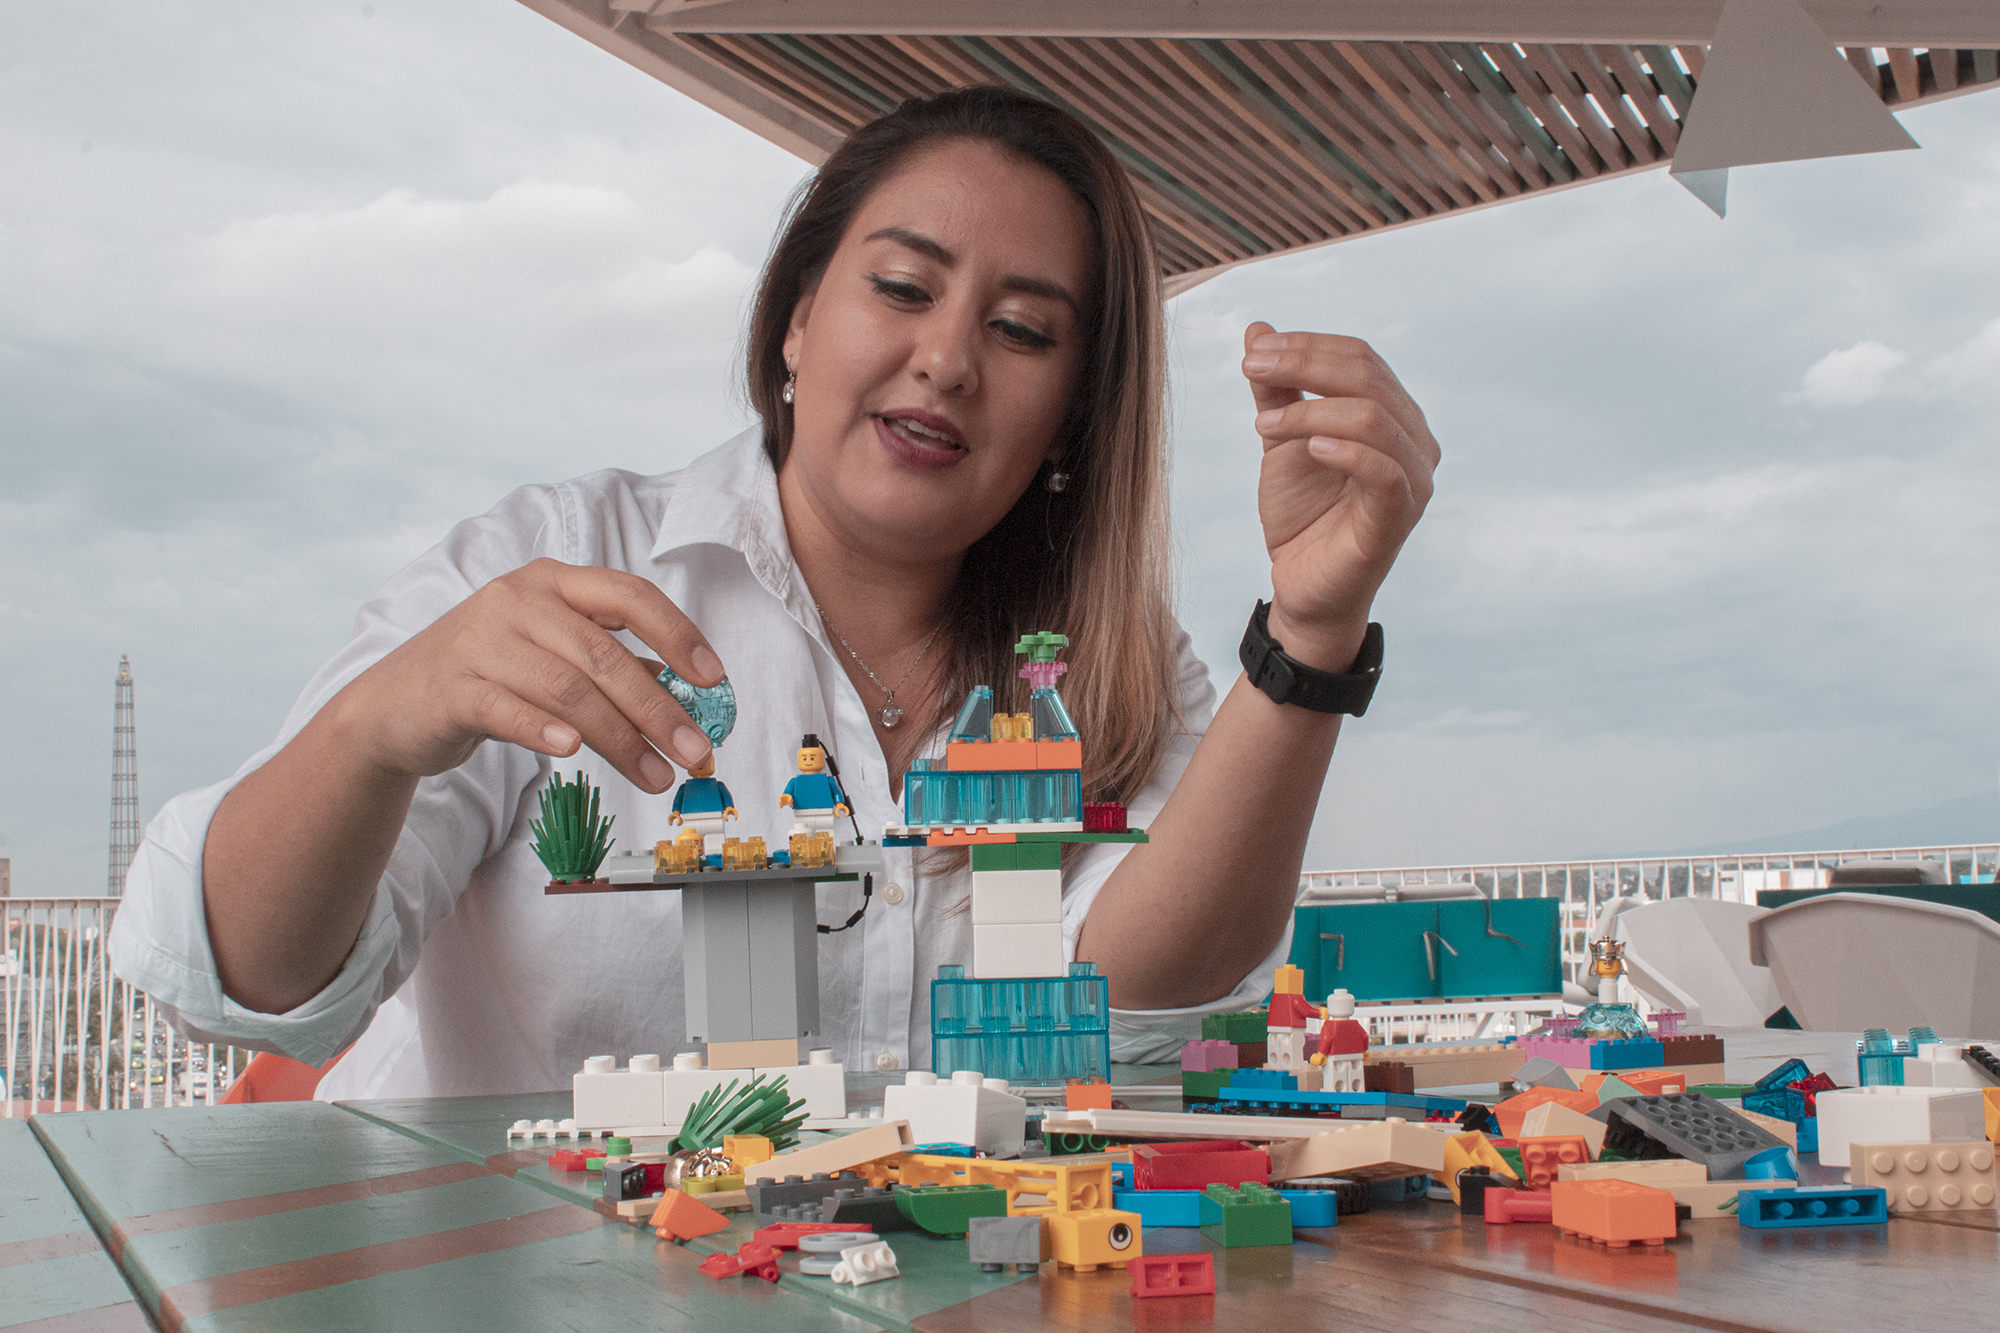 Lic. María José Gálvez